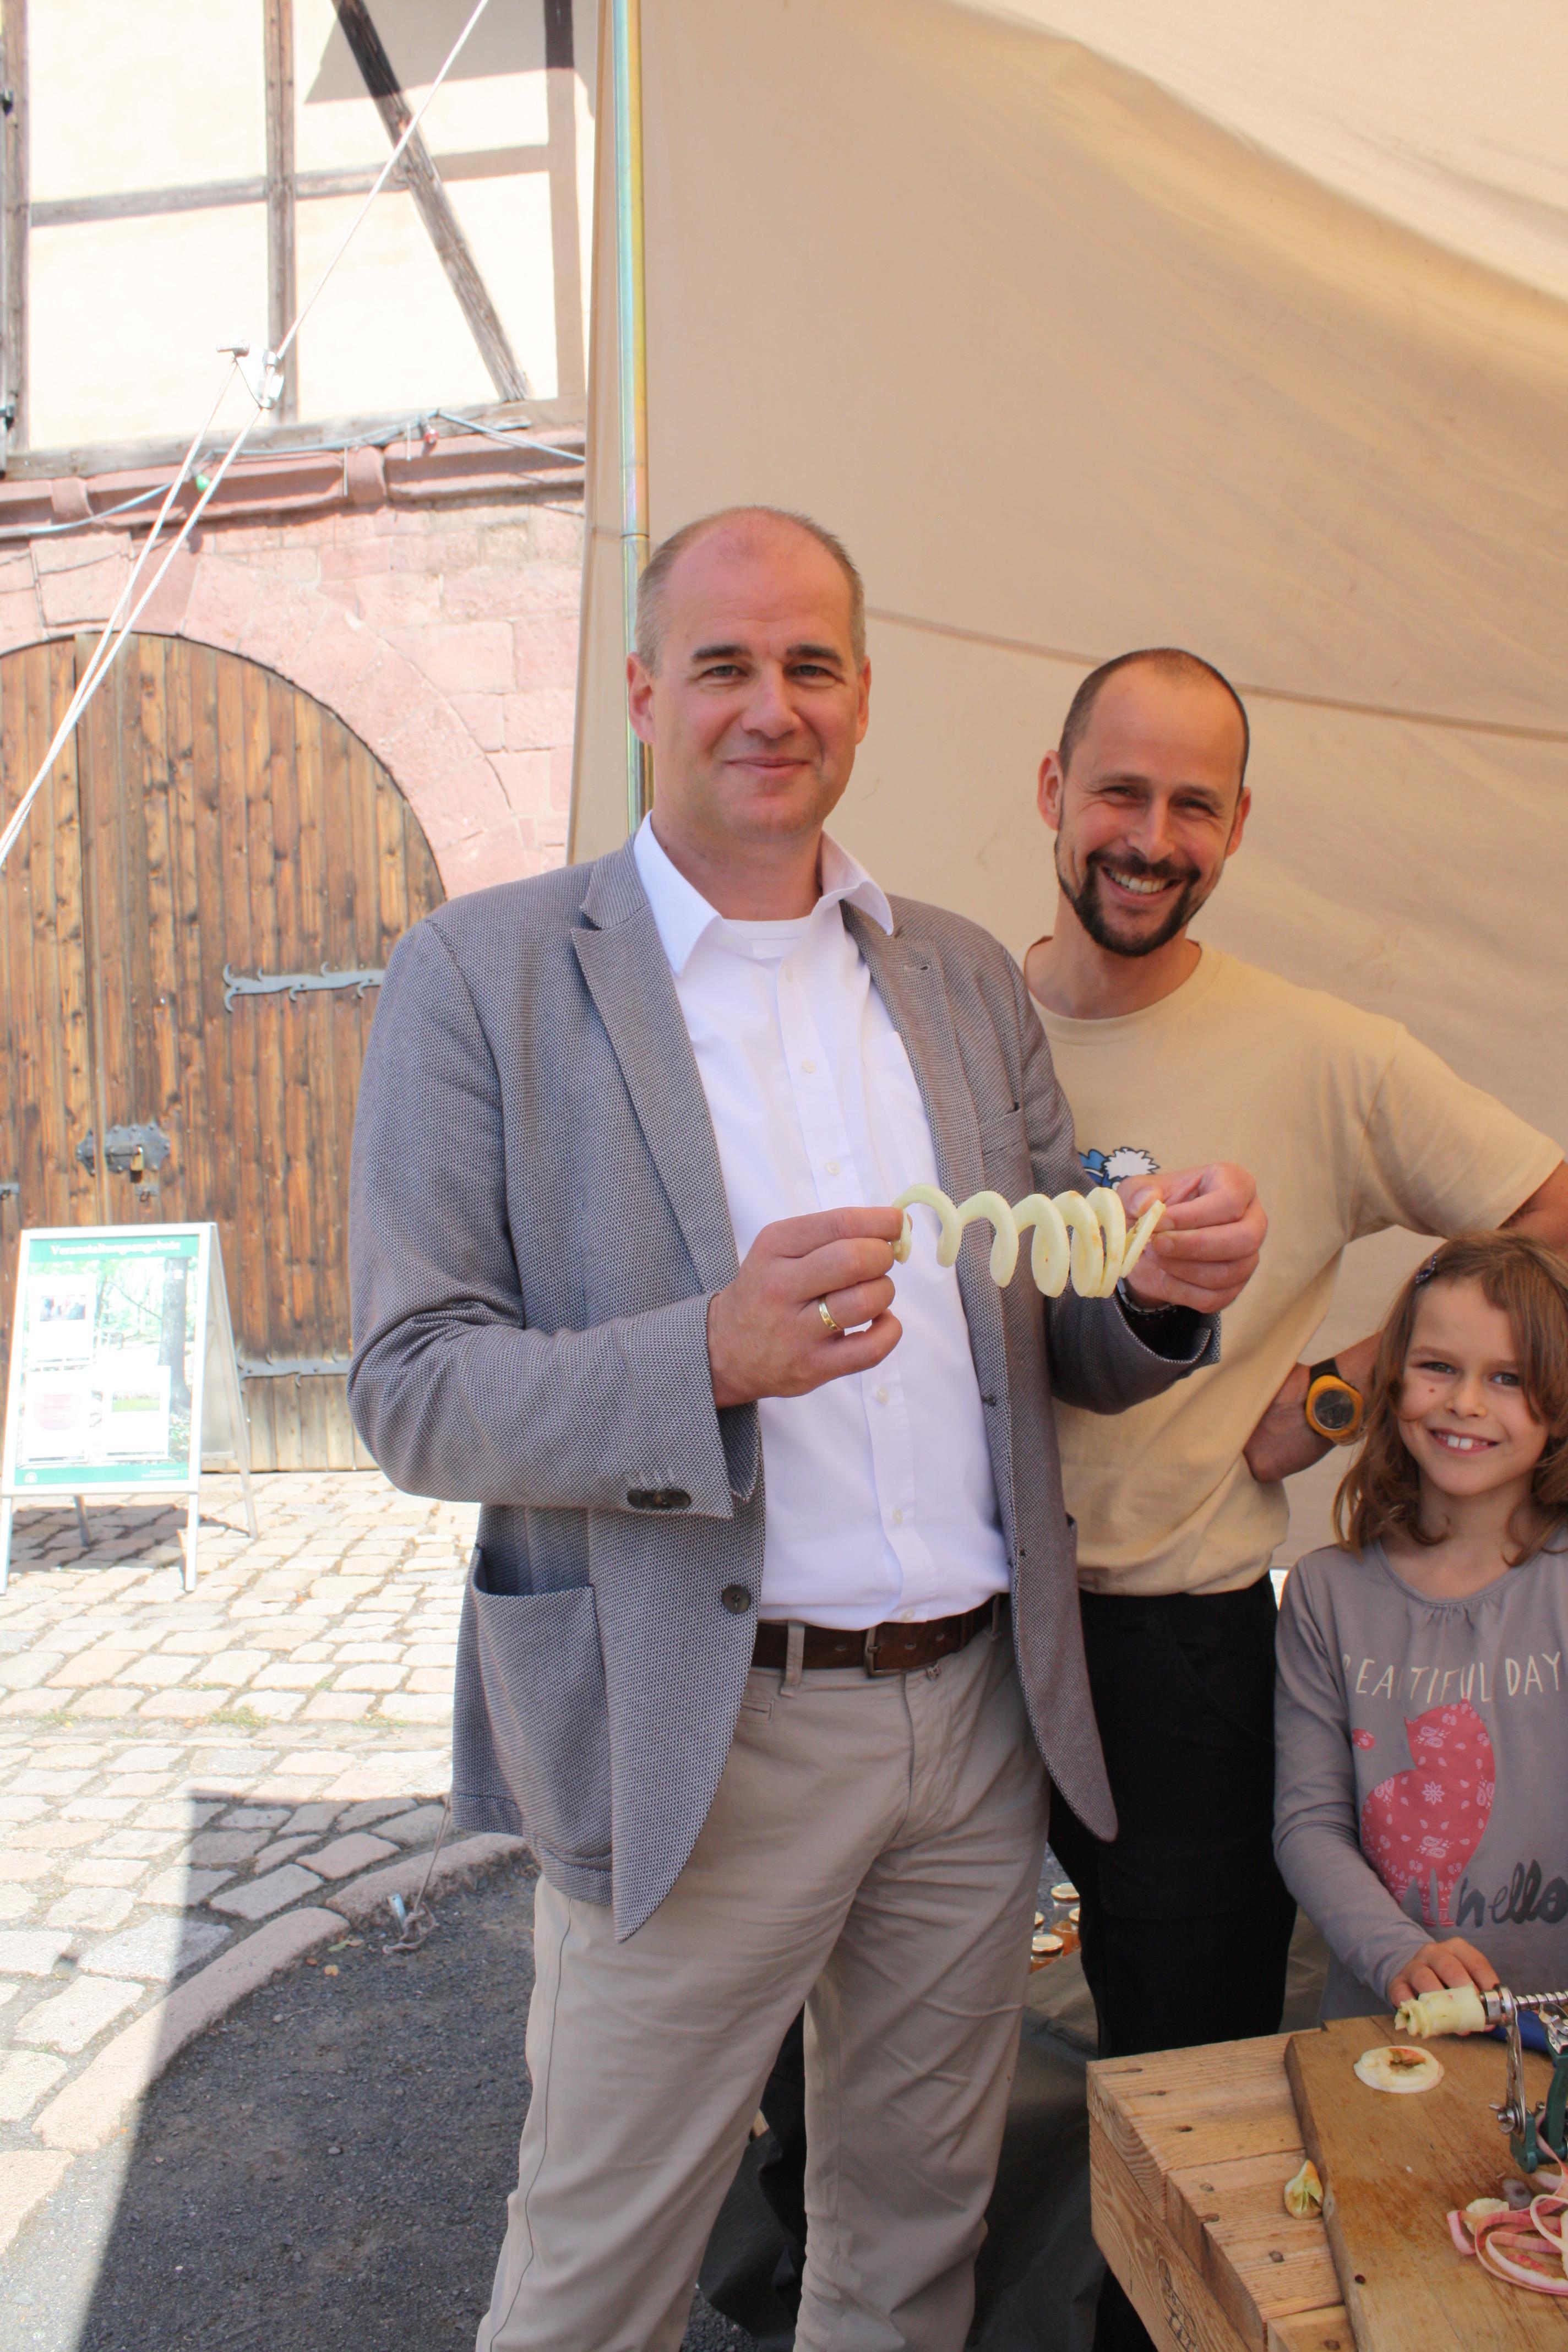 Matthias Jendricke, Vorstandsvorsitzender der RAG, ließ sich die Herstellung einer Apfelspirale zeigen.JPG